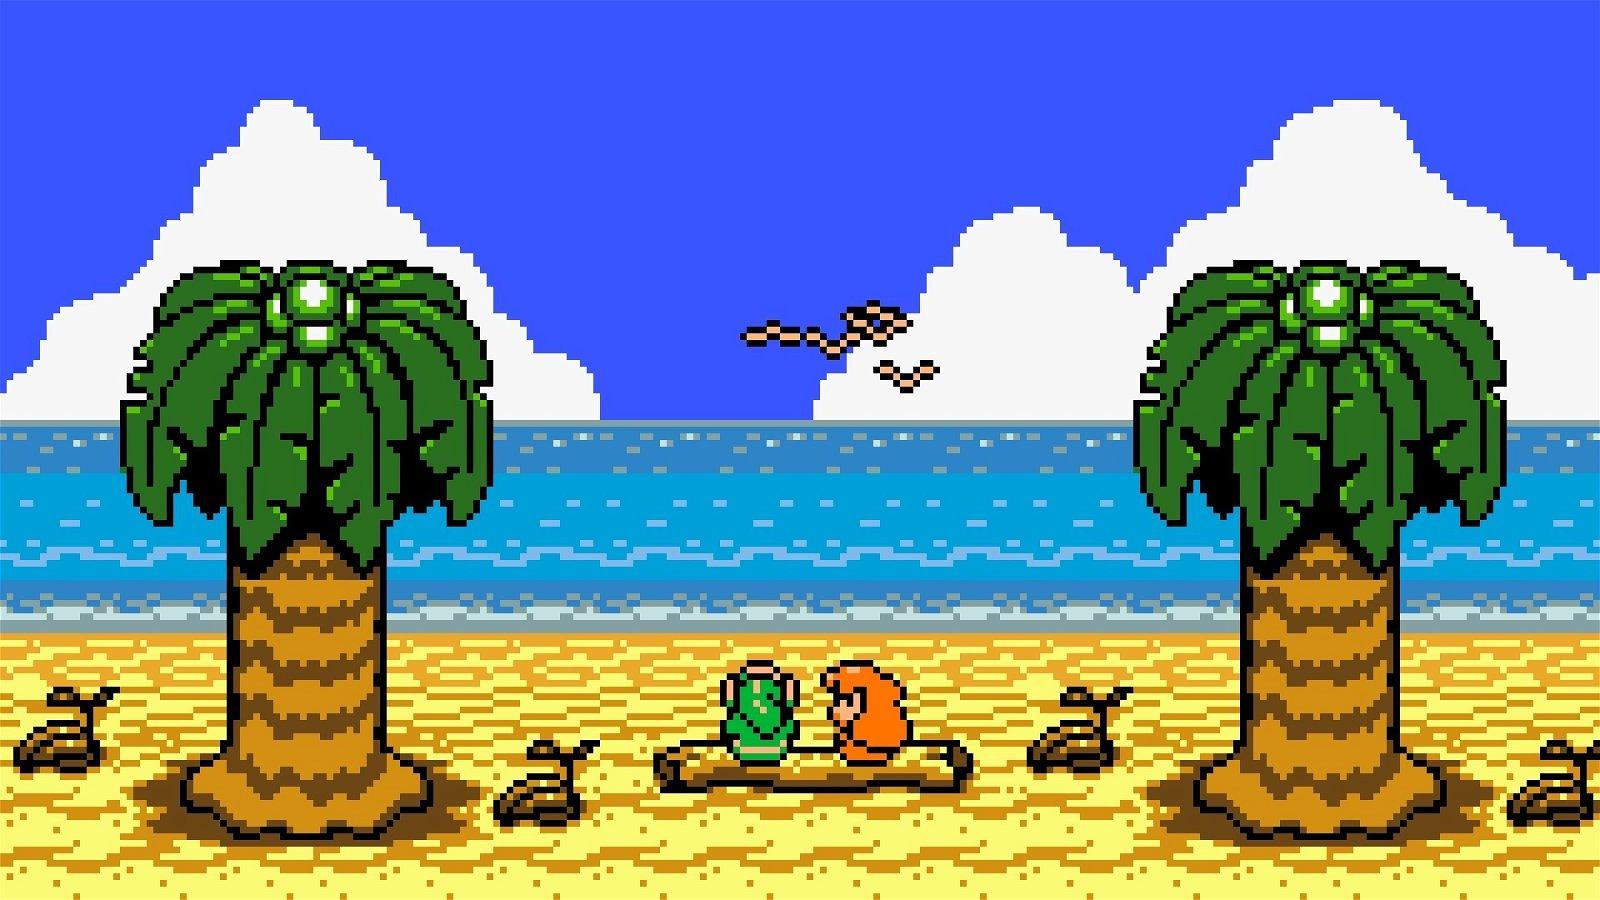 Un speedrunner supera The Legend of Zelda: Link's Awakening en hora y media